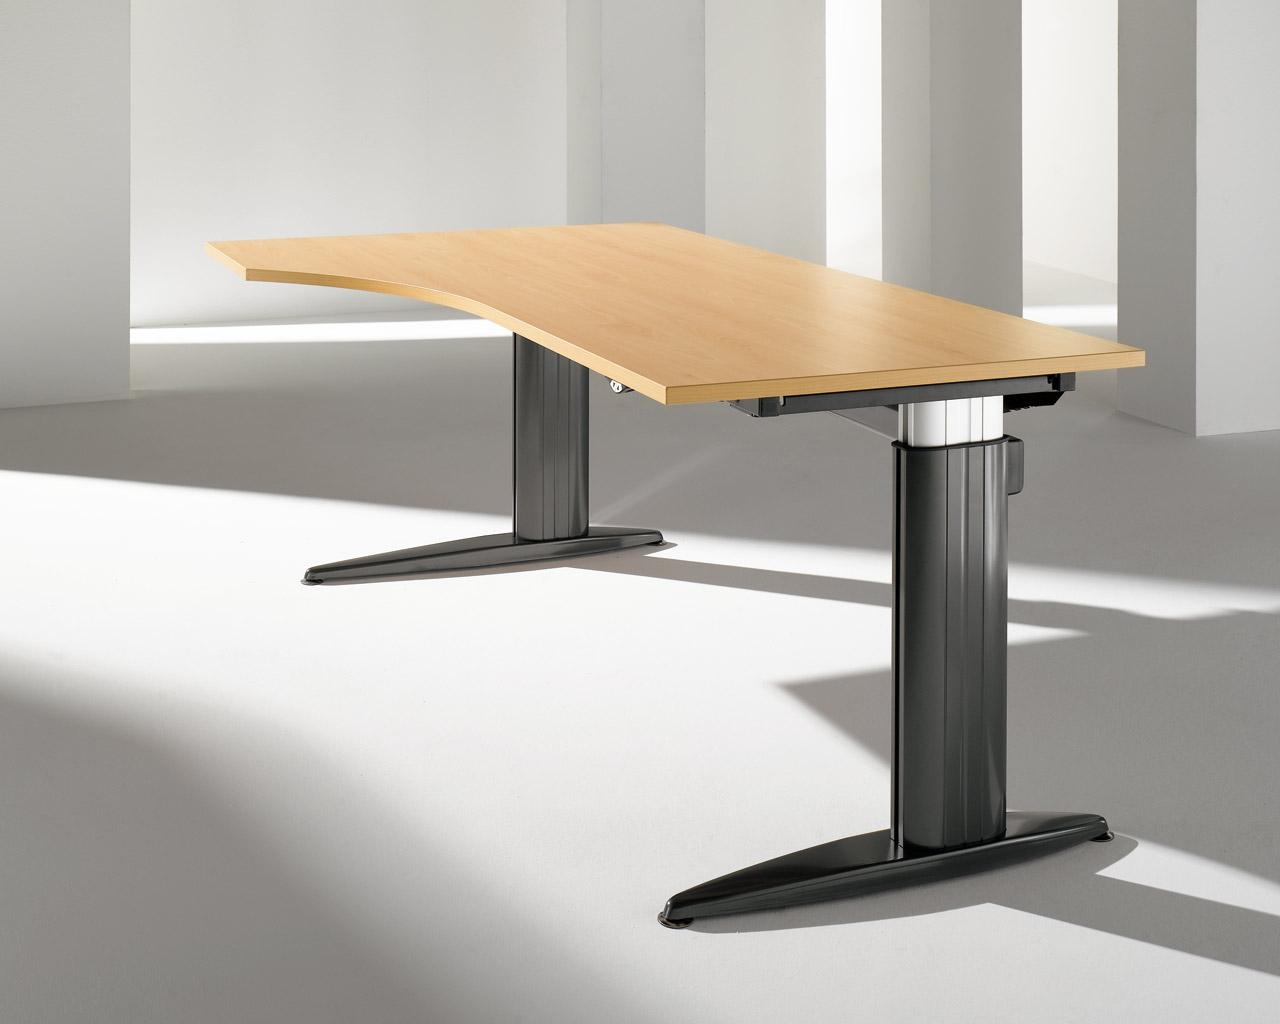 bz plankenhorn der schreibtisch h henverstellbar als steh sitz l sung. Black Bedroom Furniture Sets. Home Design Ideas